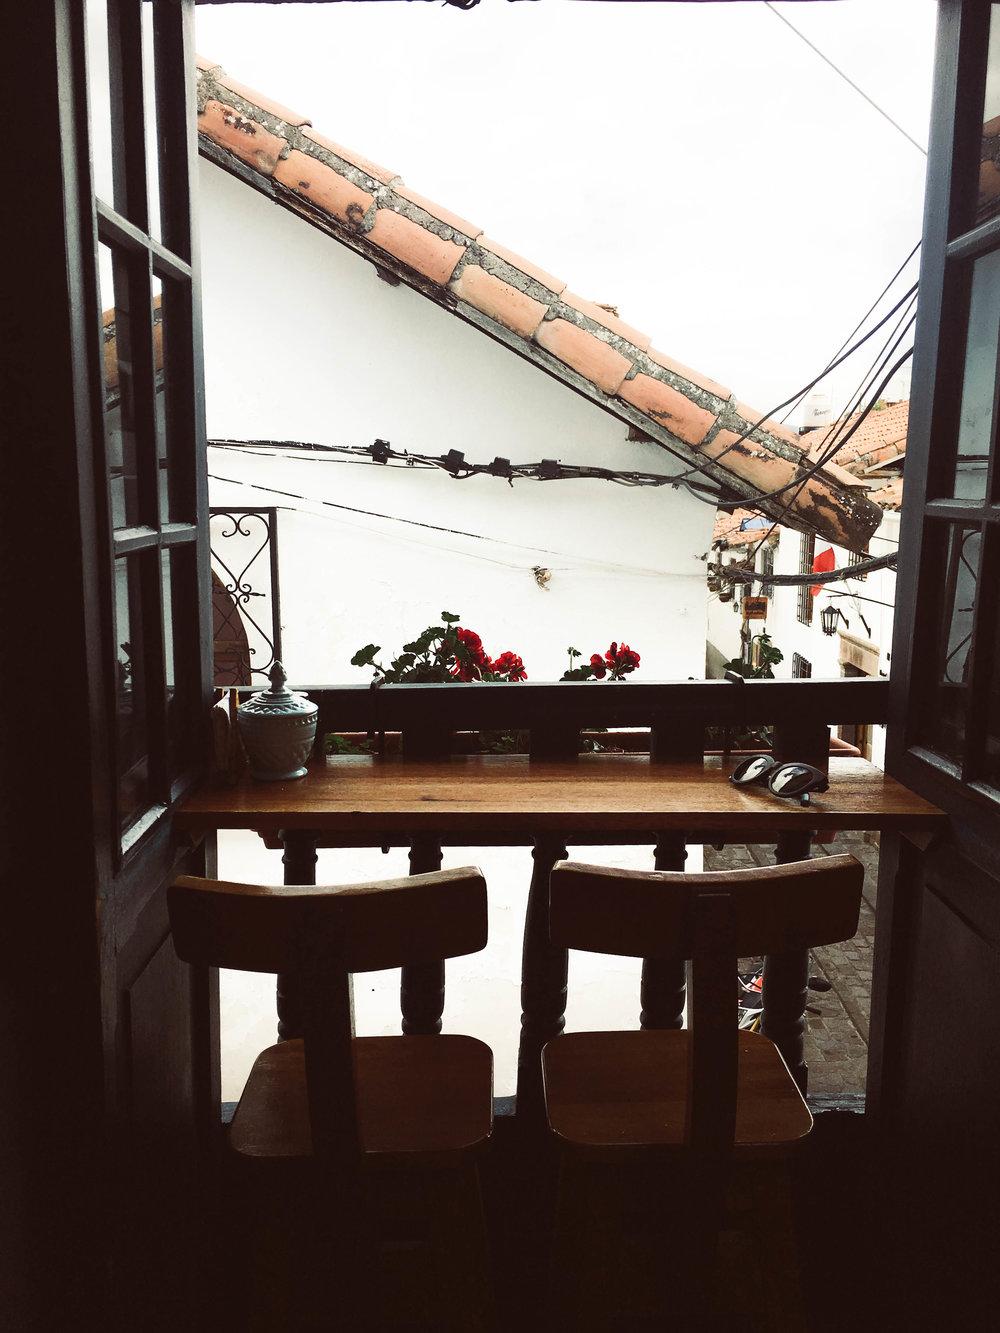 L'Atelier Cafe Cuzco, Peru